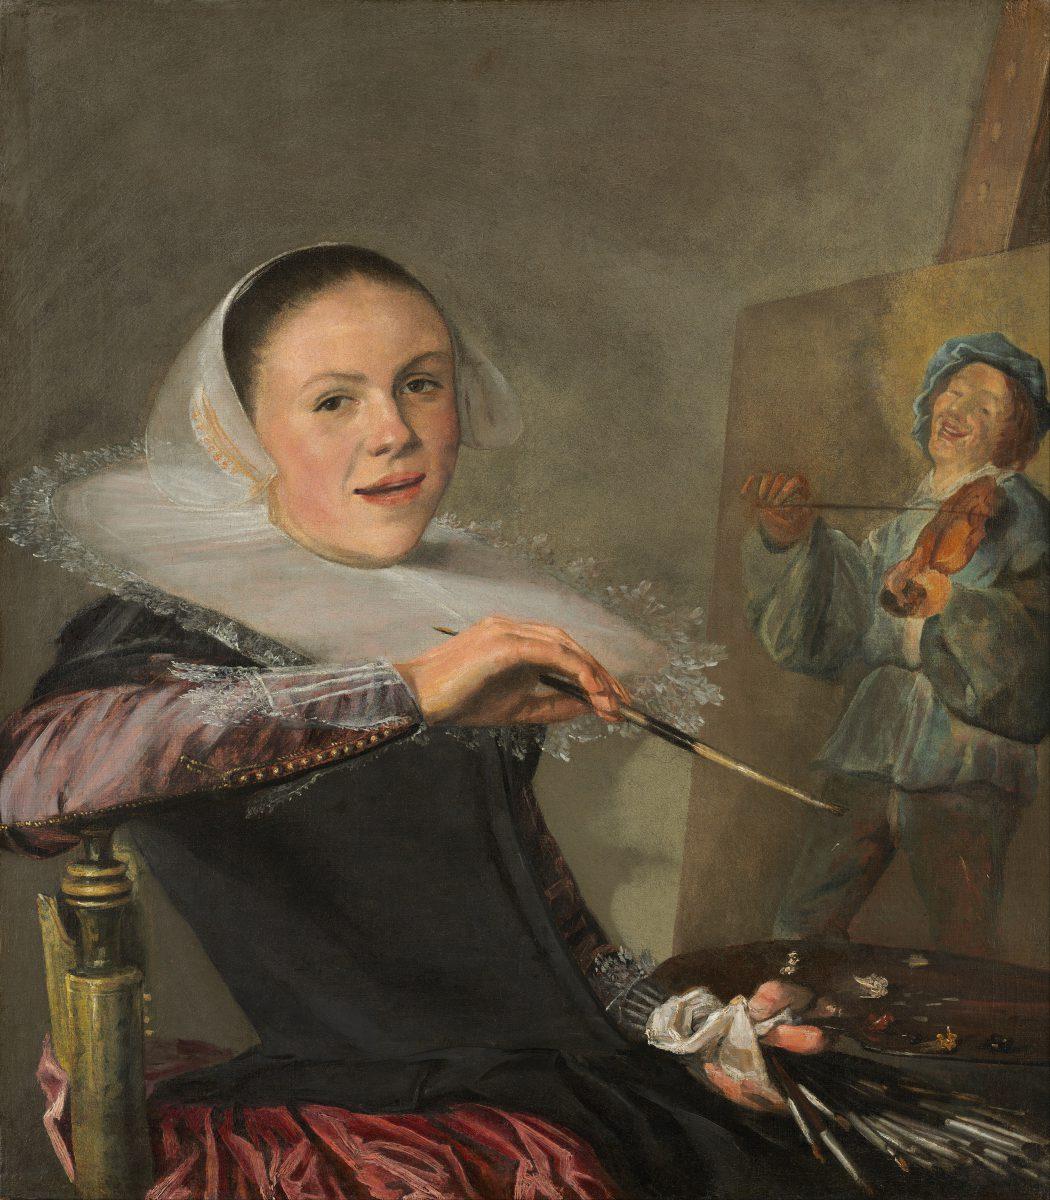 Judith Leyster - 1633